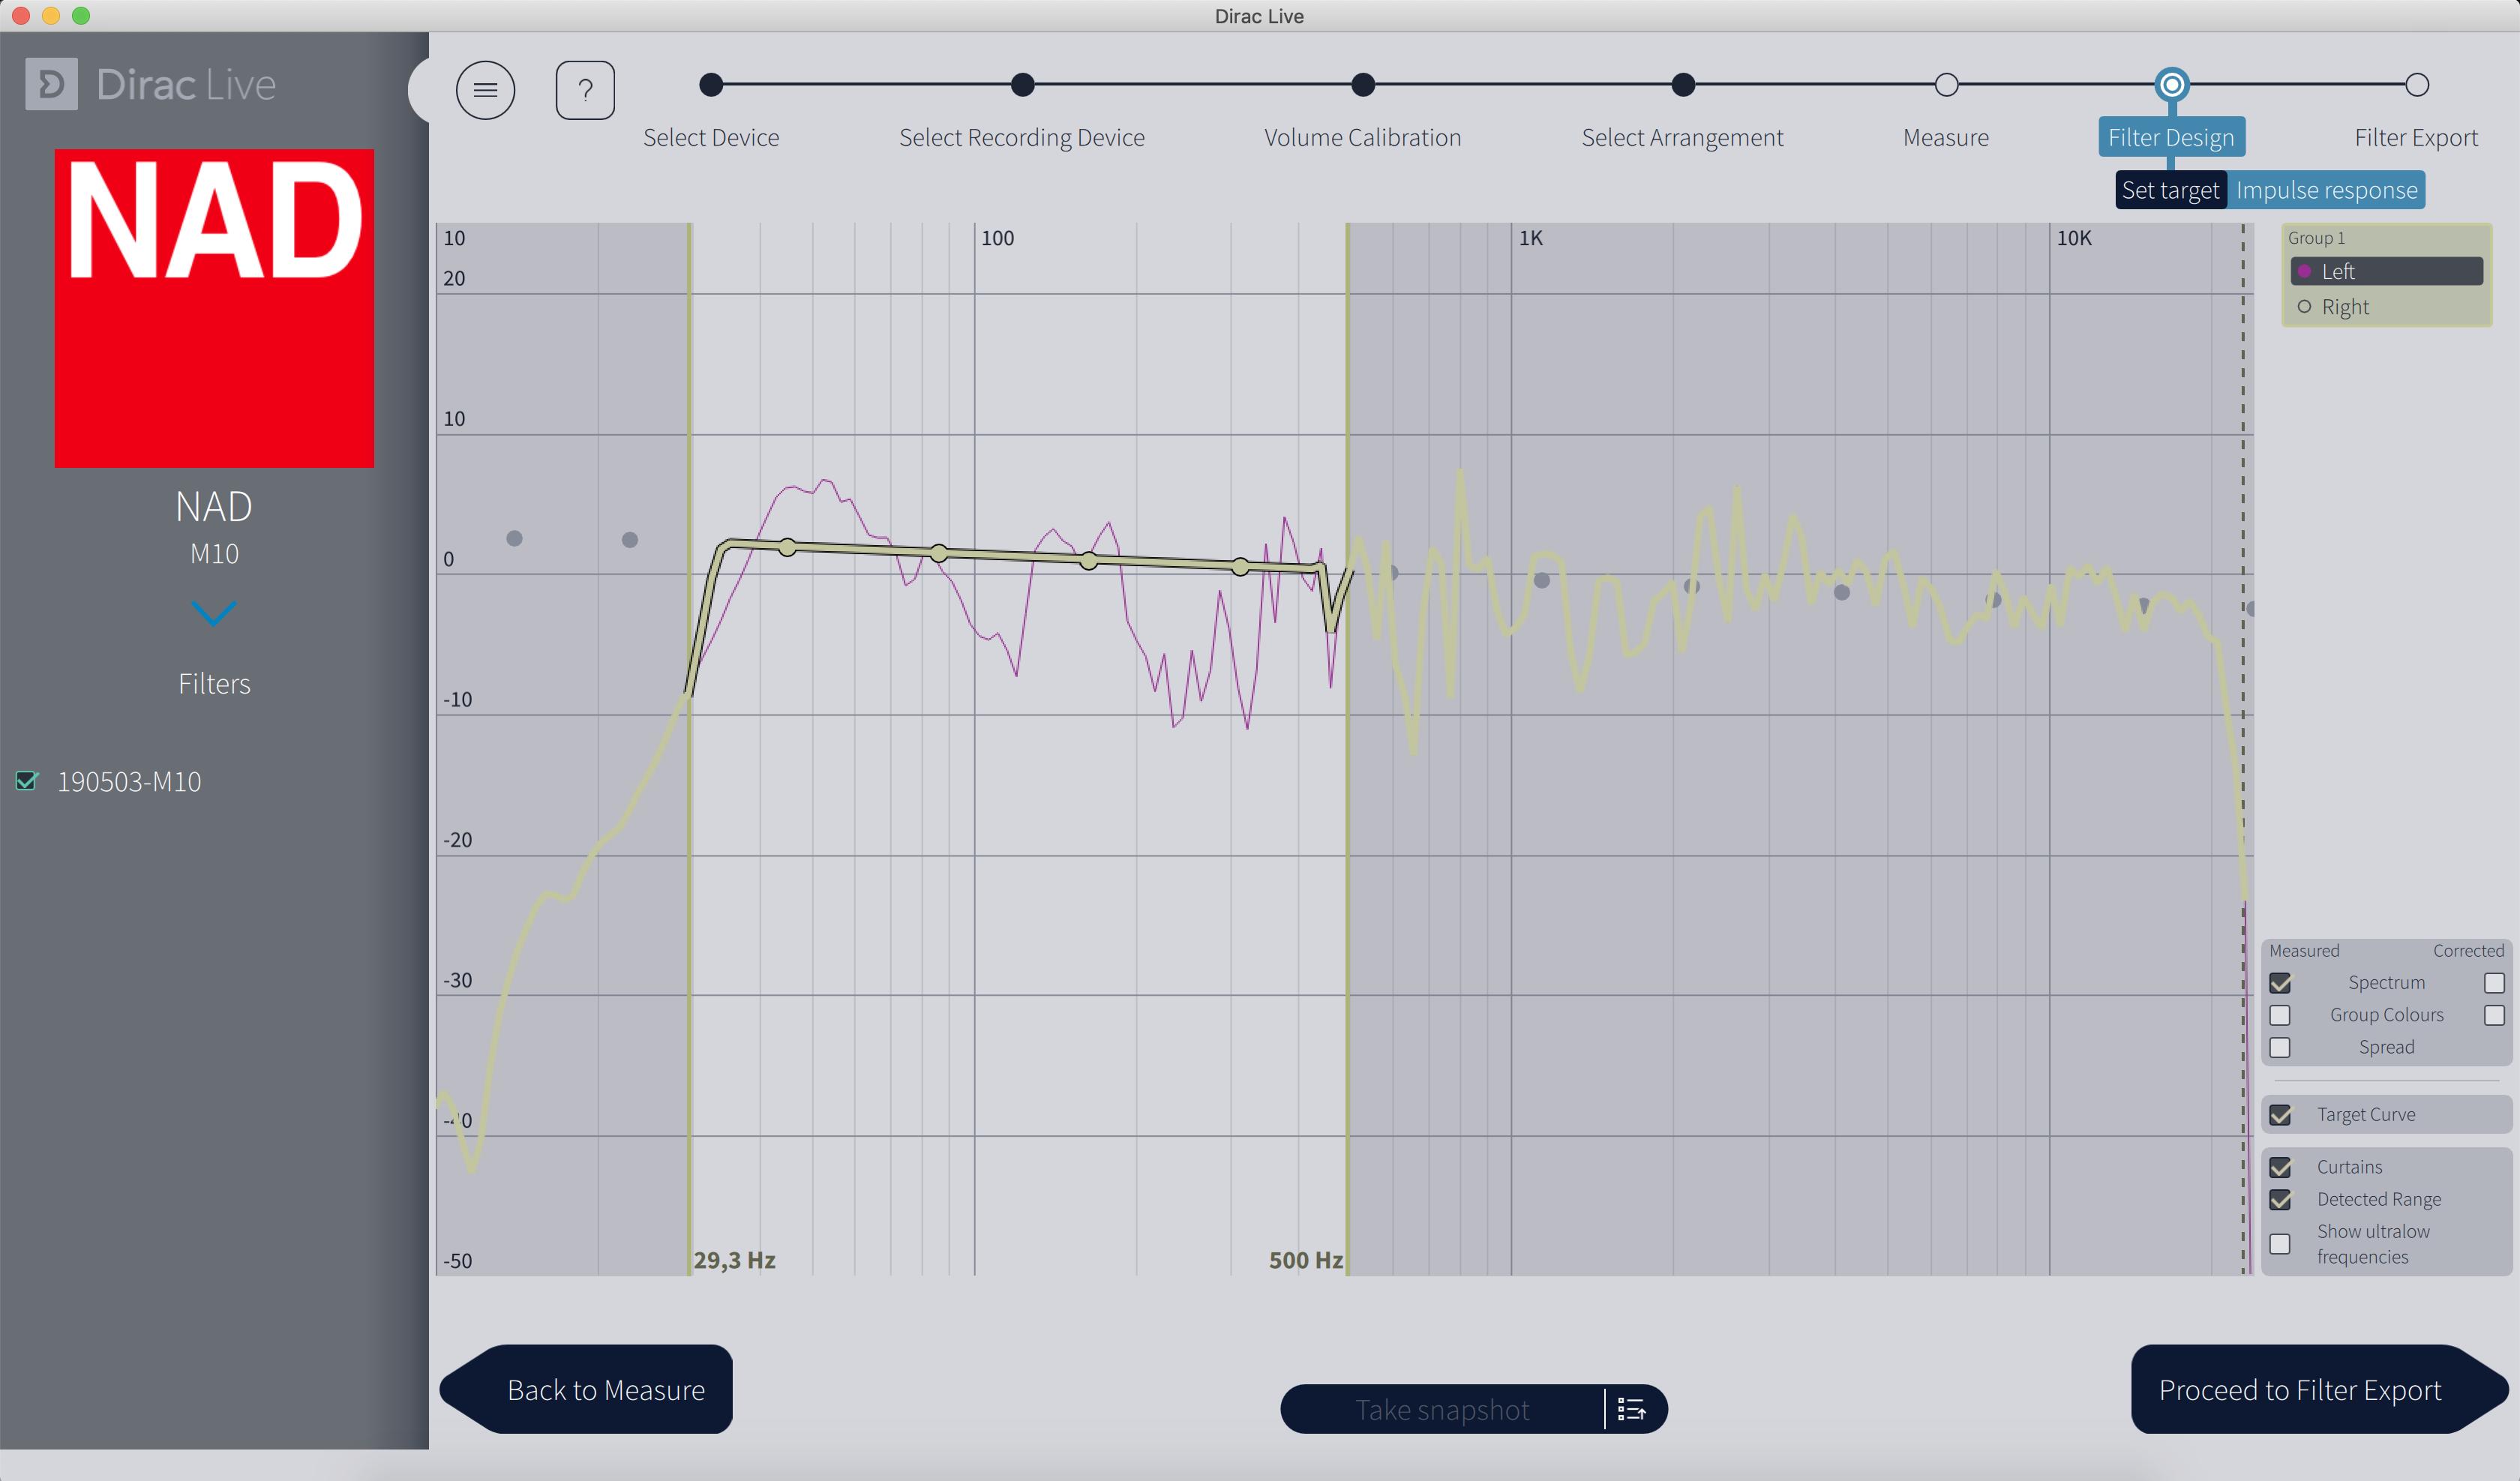 L'interface affiche en rose la mesure prise par le micro. En jaune, c'est l'objectif, c'est-à-dire une courbe où les fréquences sont corrigées et toutes jouées au même niveau. Il est possible de personnaliser l'objectif en faisant bouger les points.